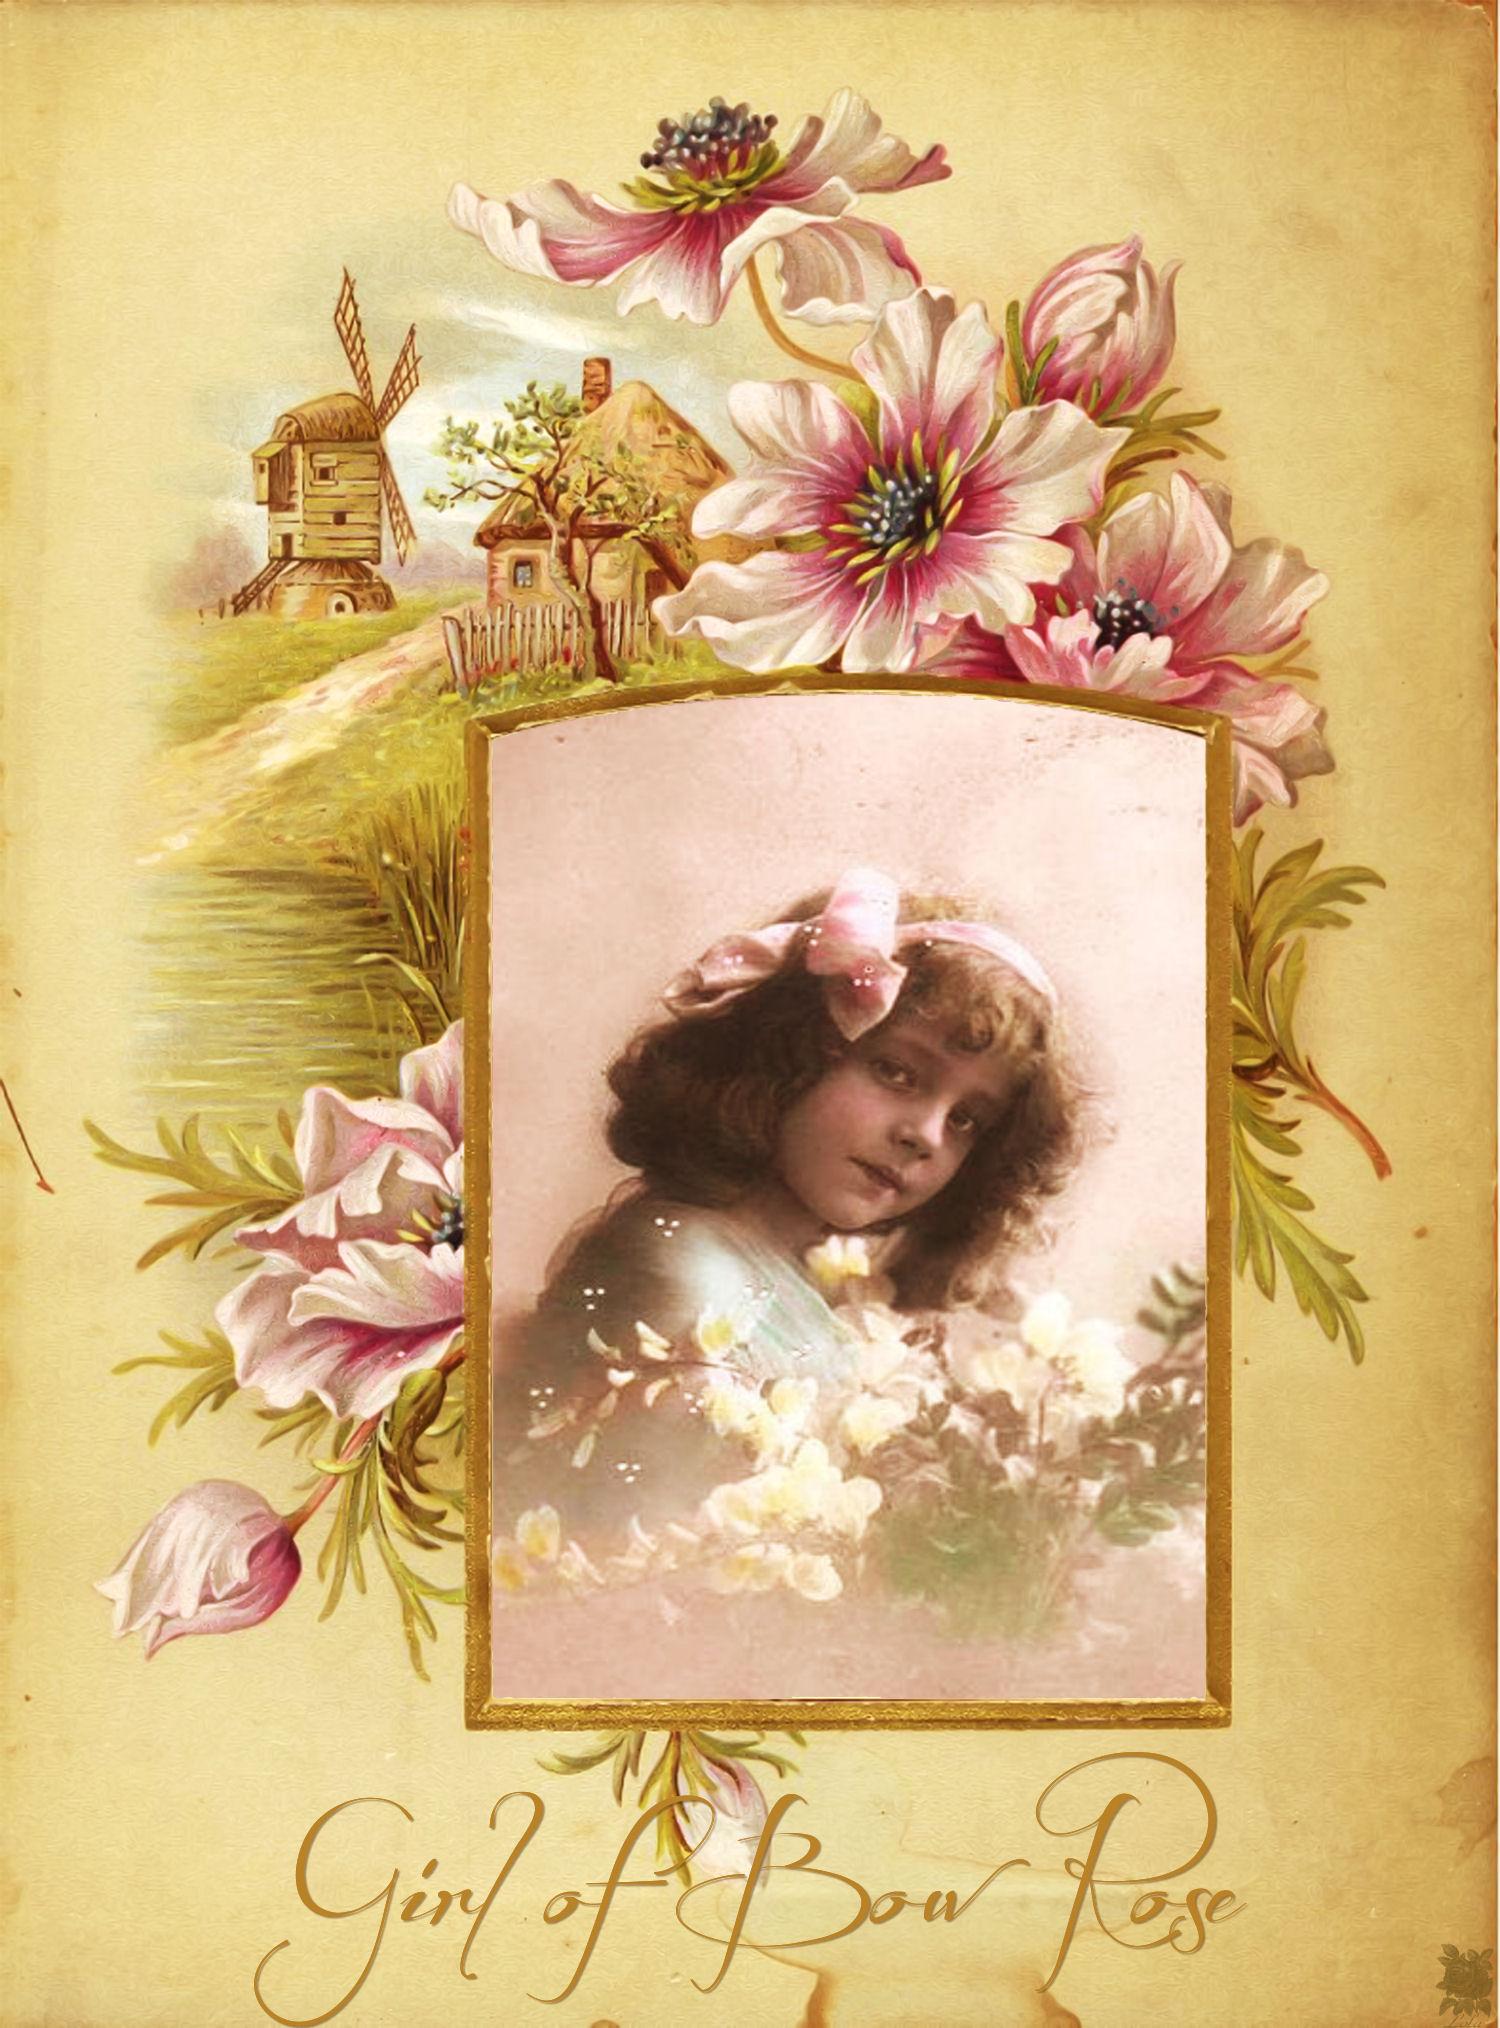 Girl of Bow Rose